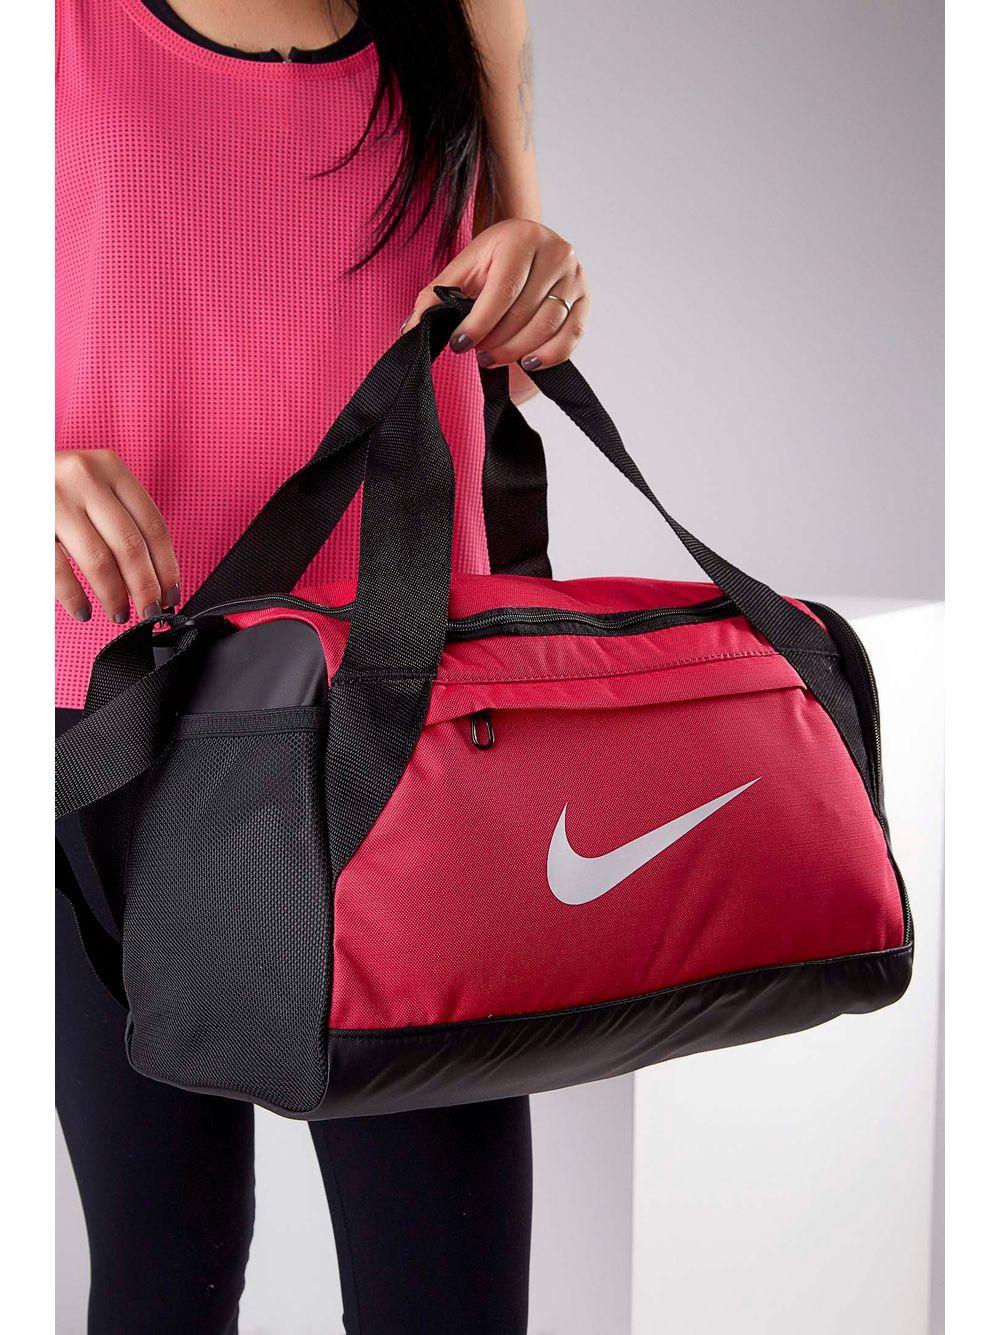 7d02ed9ee Previous. Bolsa-Nike-Brasilia-Duffel- ...